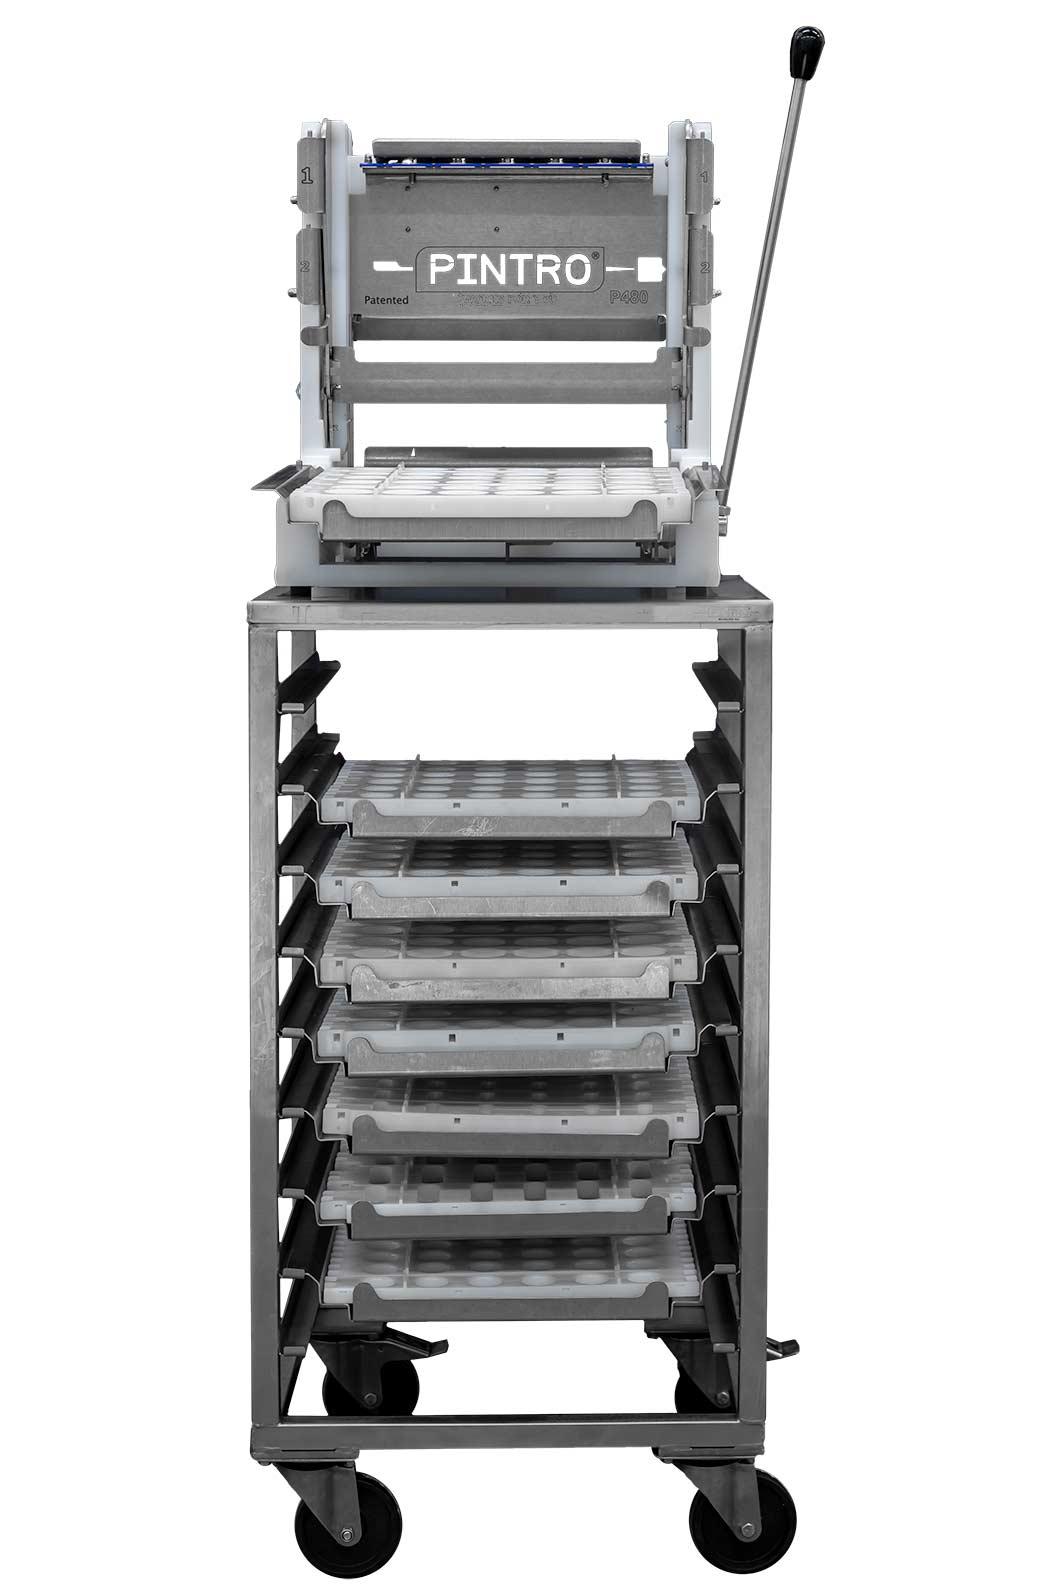 PINTRO P480 manuelle Spießmaschine Arbeitsfläche